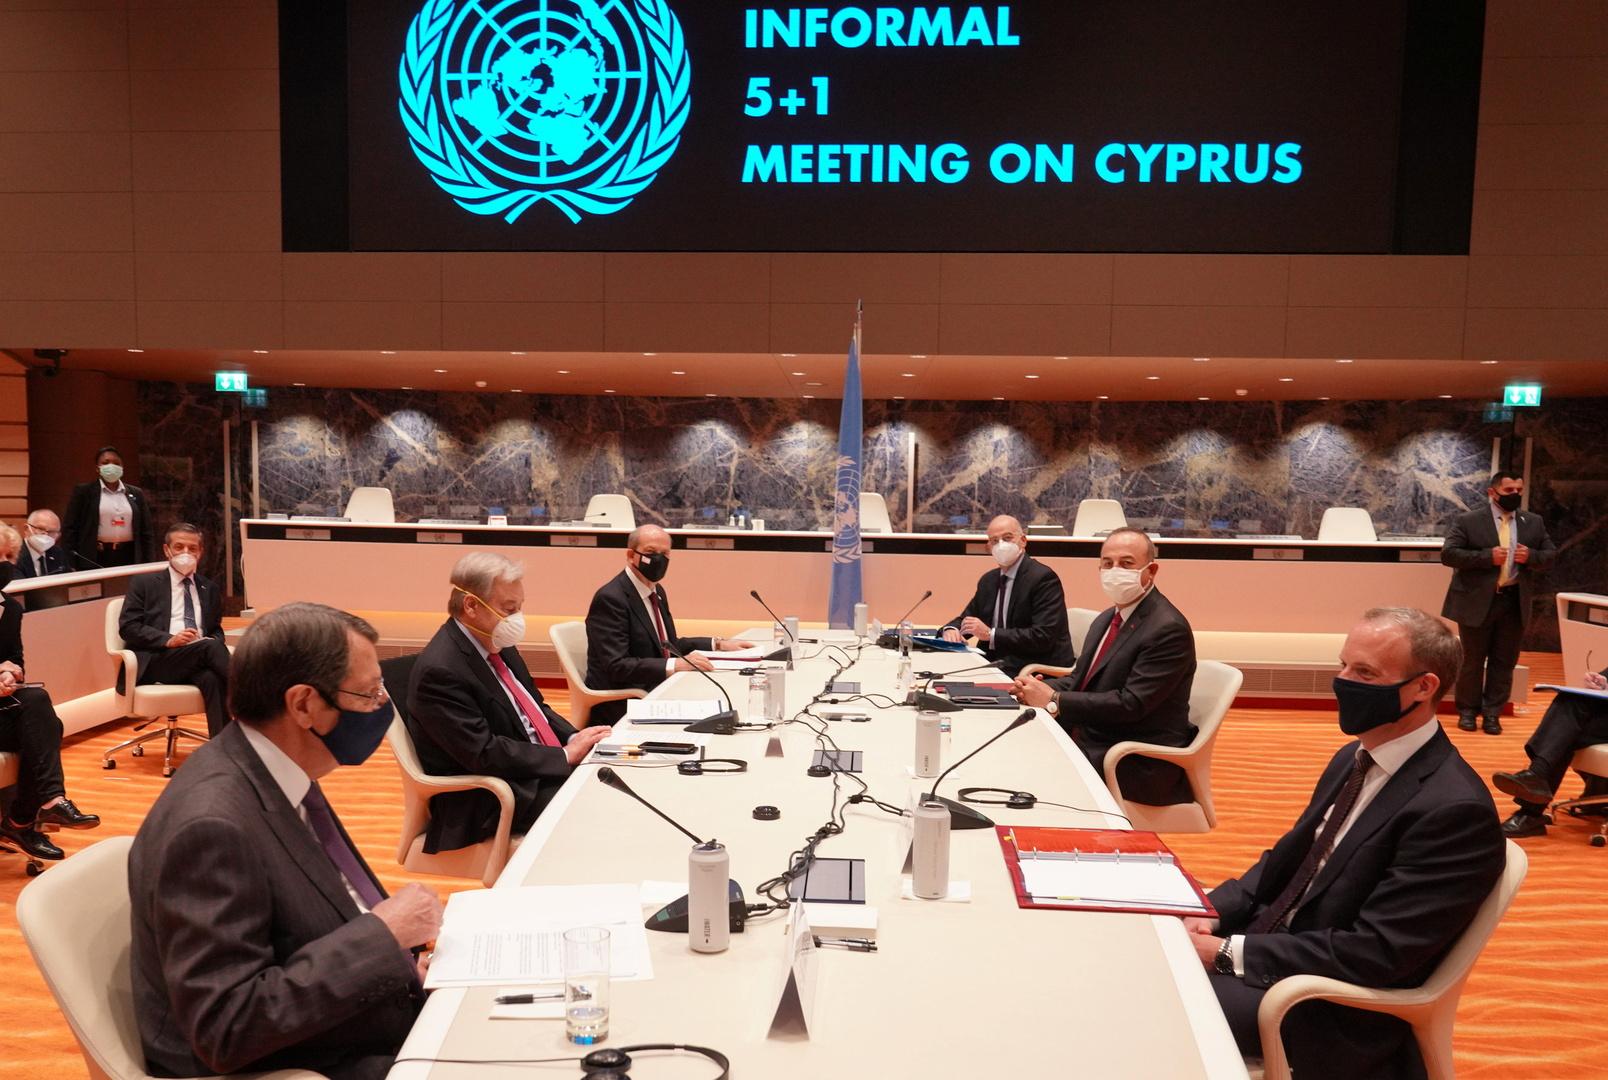 بريطانيا: المفاوضات بشأن قبرص لن تمضي قدما لغياب أرضية مشتركة